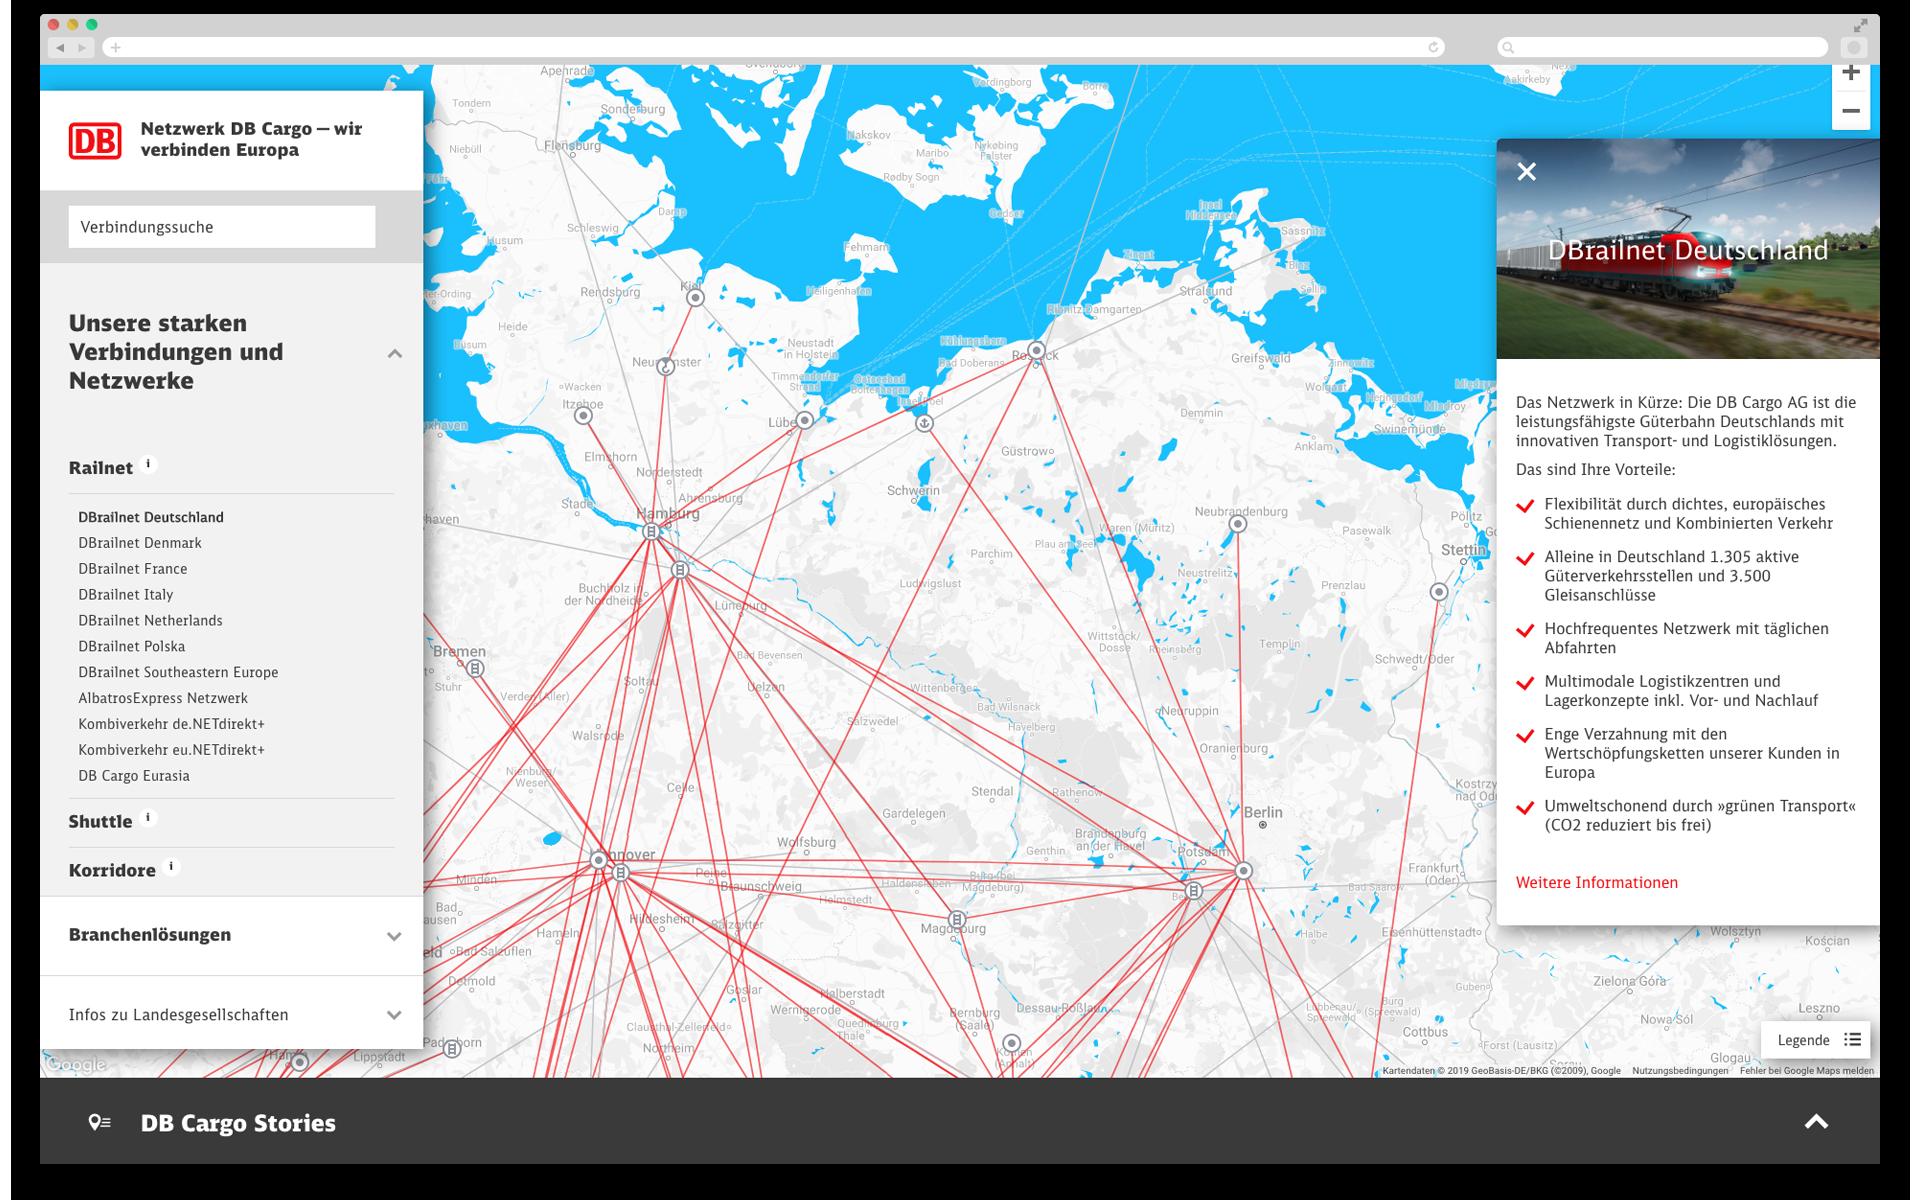 Netzwerkkarte mit Informationstext